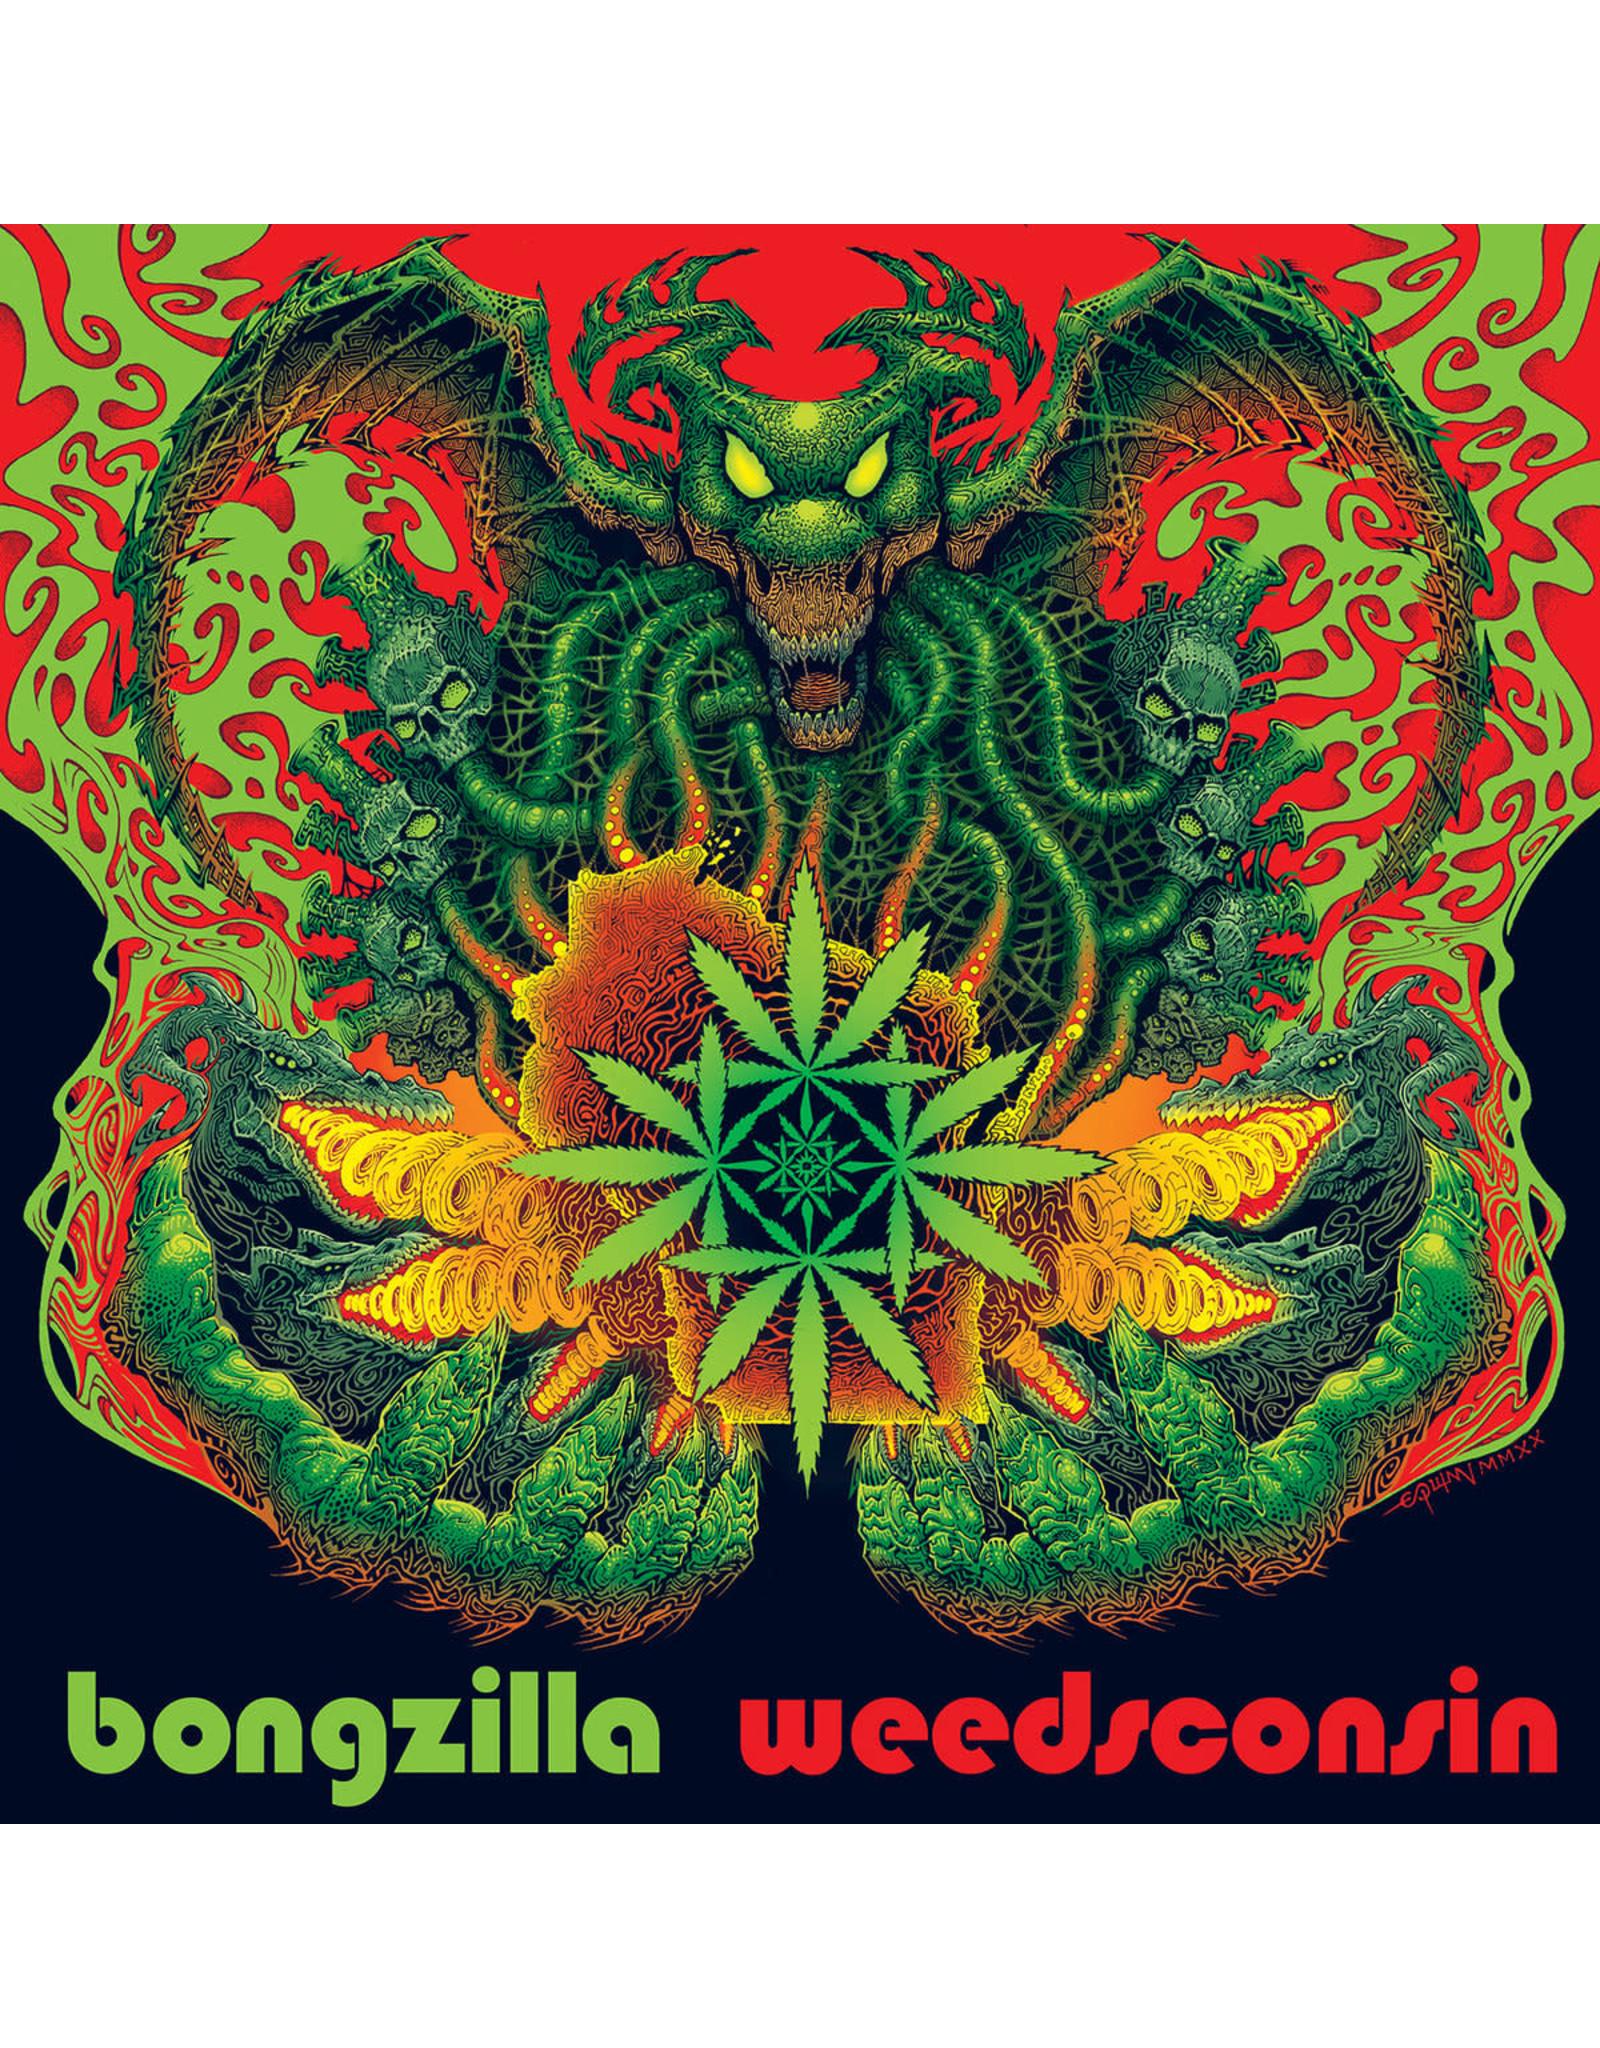 Bongzilla - Weedsconsin LP (Ltd. Green & Red Splatter Vinyl)